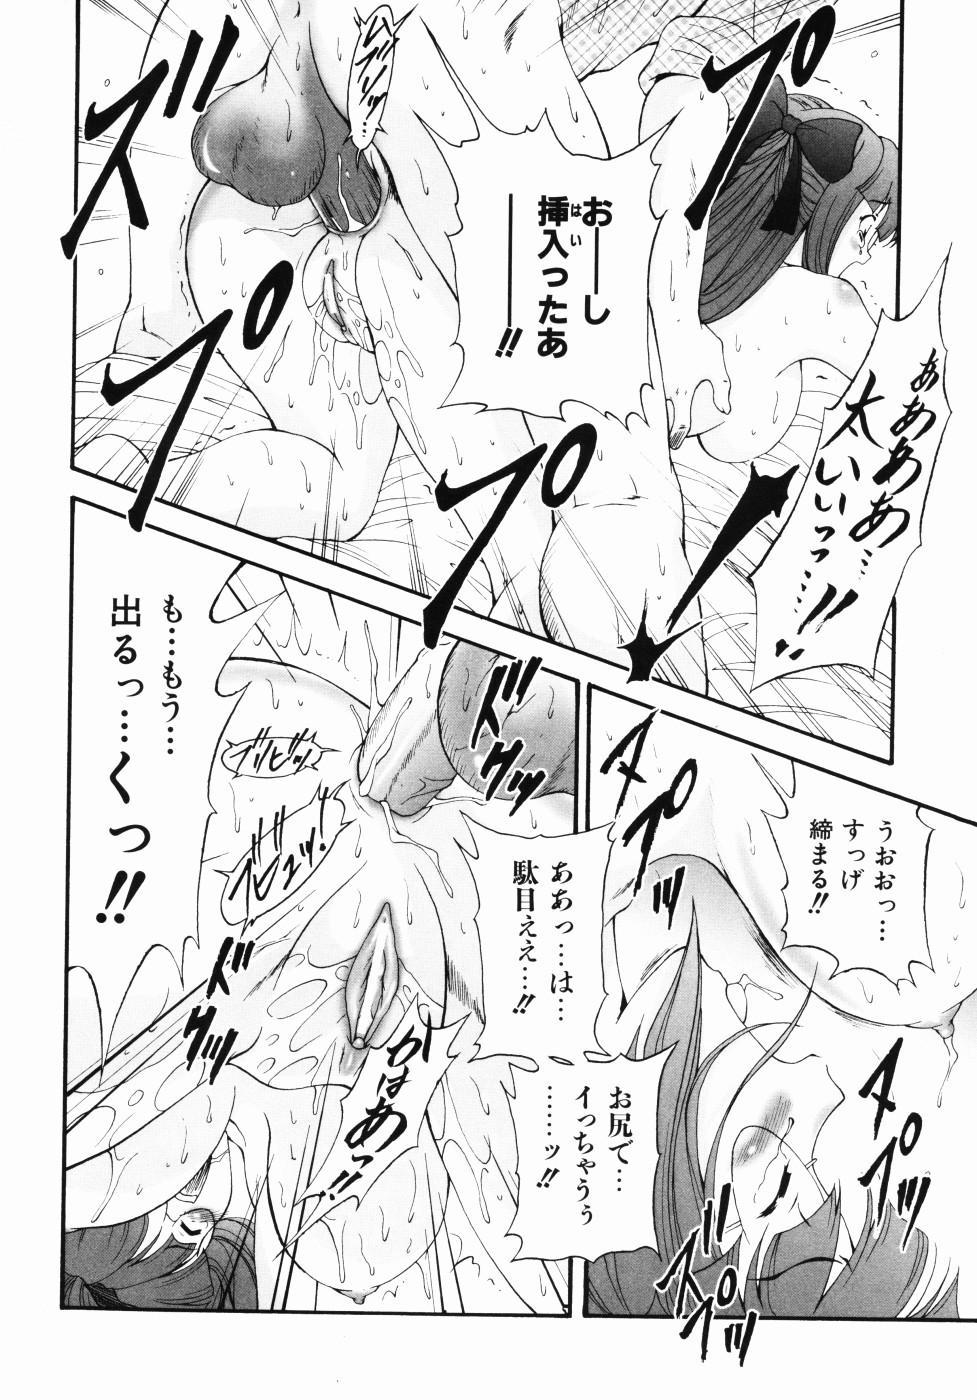 Daikyou Megami 94